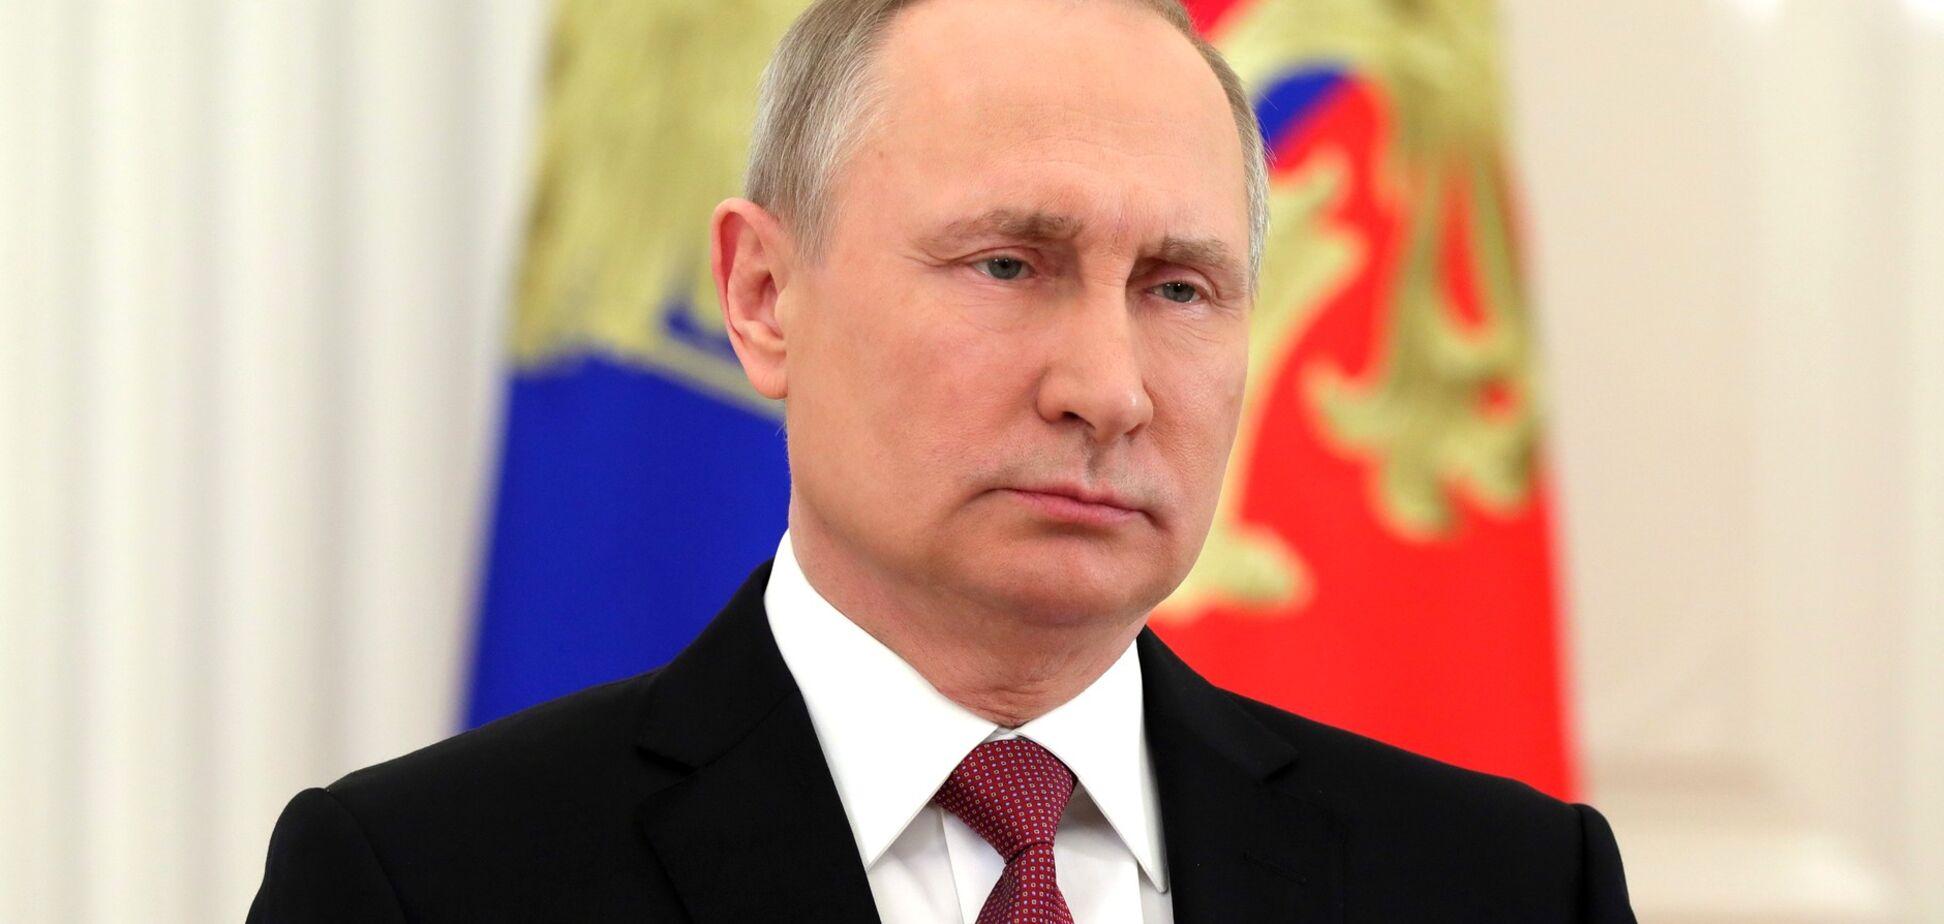 Коронацію Путіна висміяли влучною карикатурою